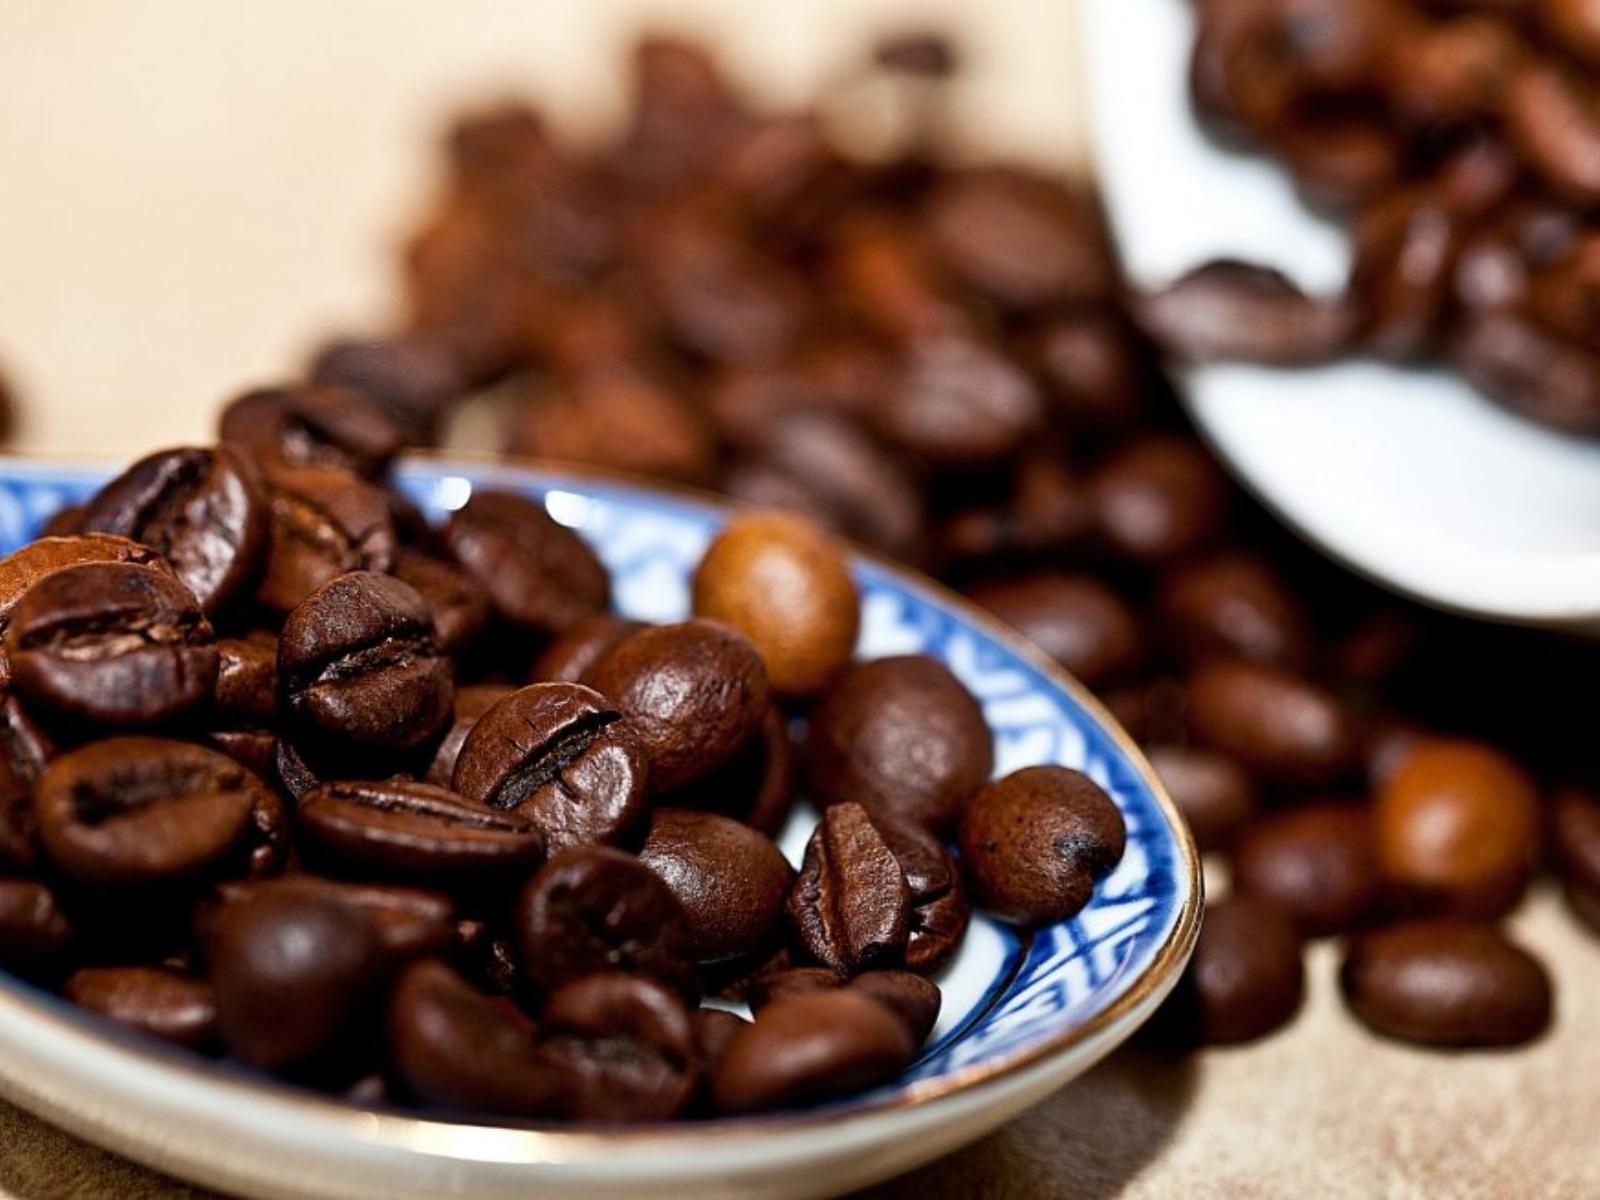 【咖啡豆介紹】咖啡沖泡教學!品種、產區、烘焙酸苦風味大不同